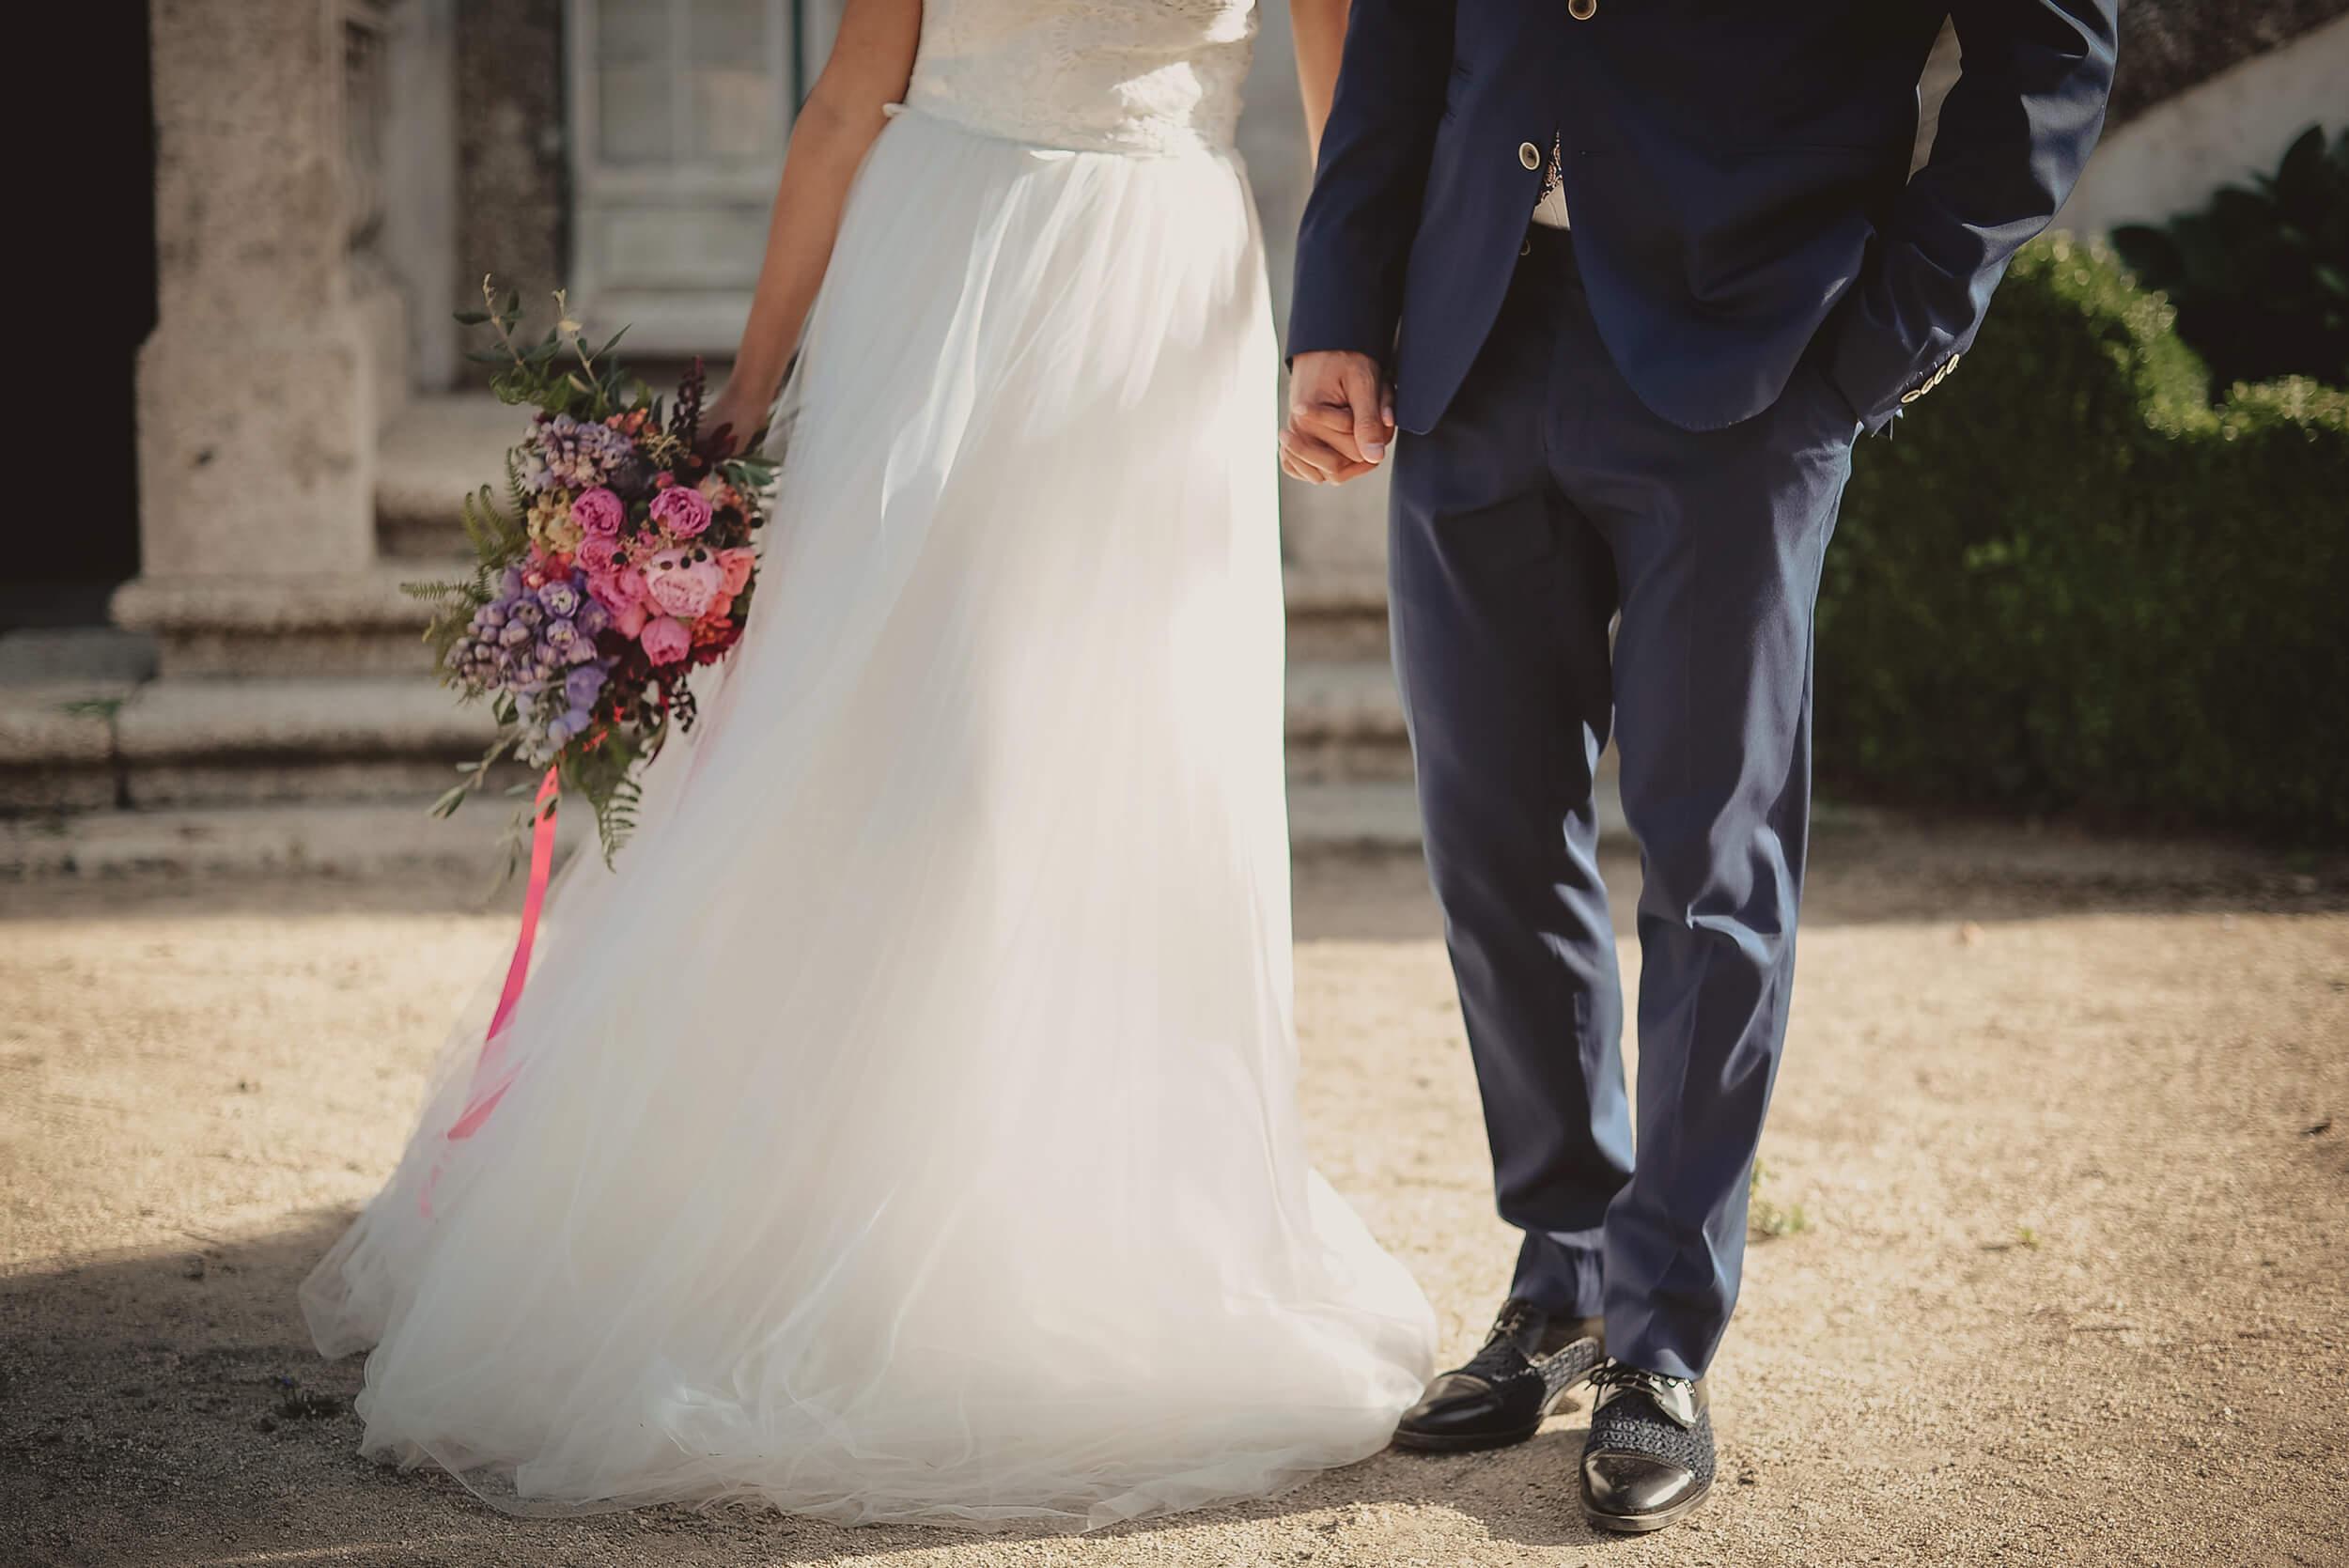 roma-organizacao-eventos-editorial-casamento-colorful-wedding-22